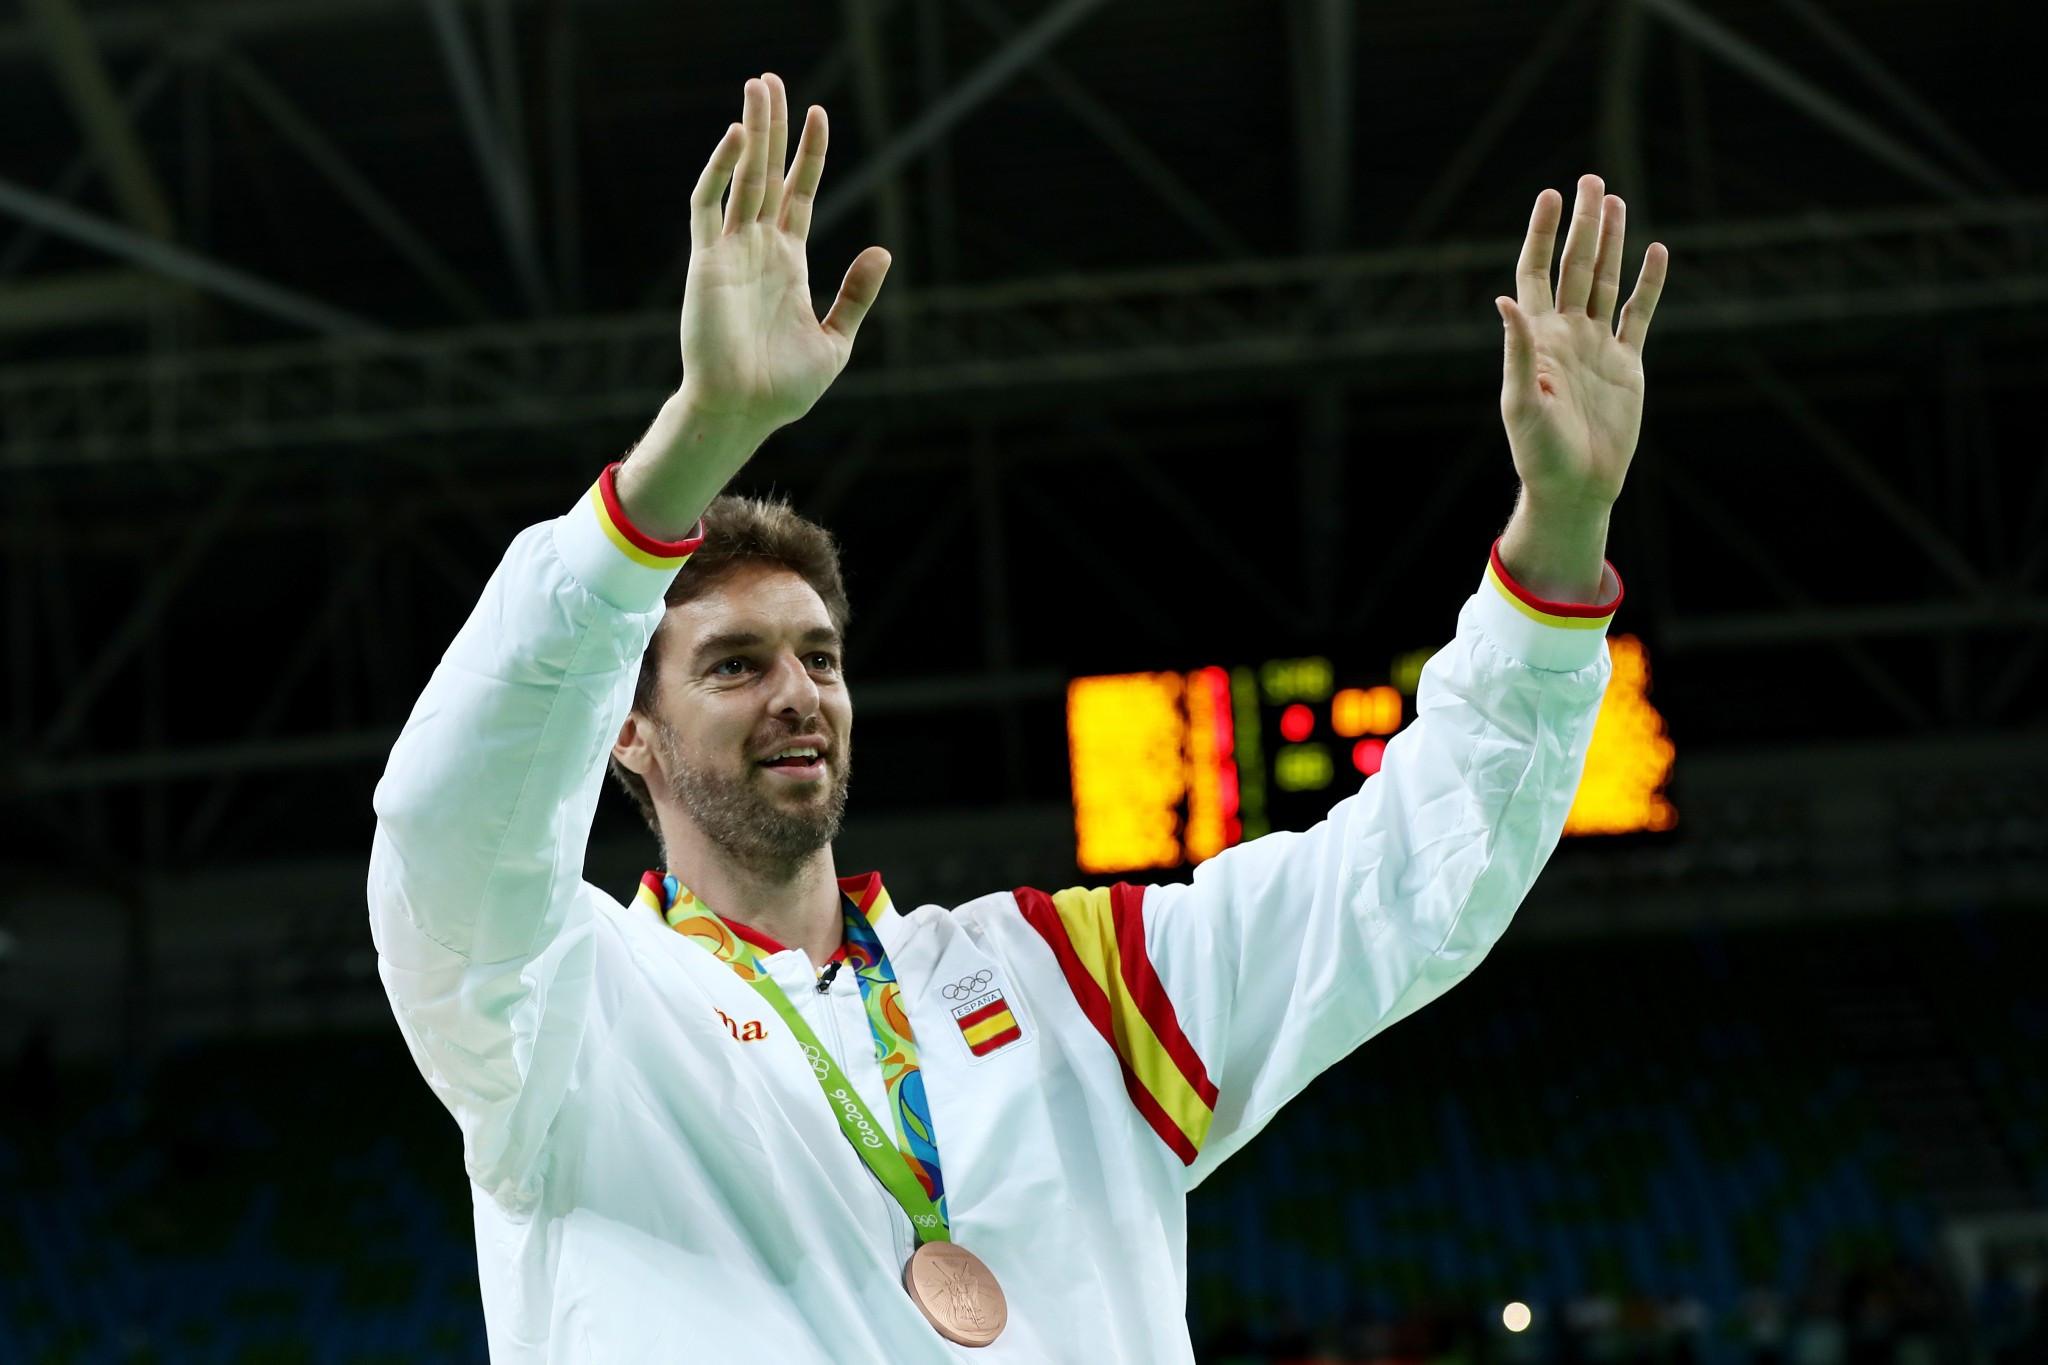 Spain favourites to retain EuroBasket title in Istanbul